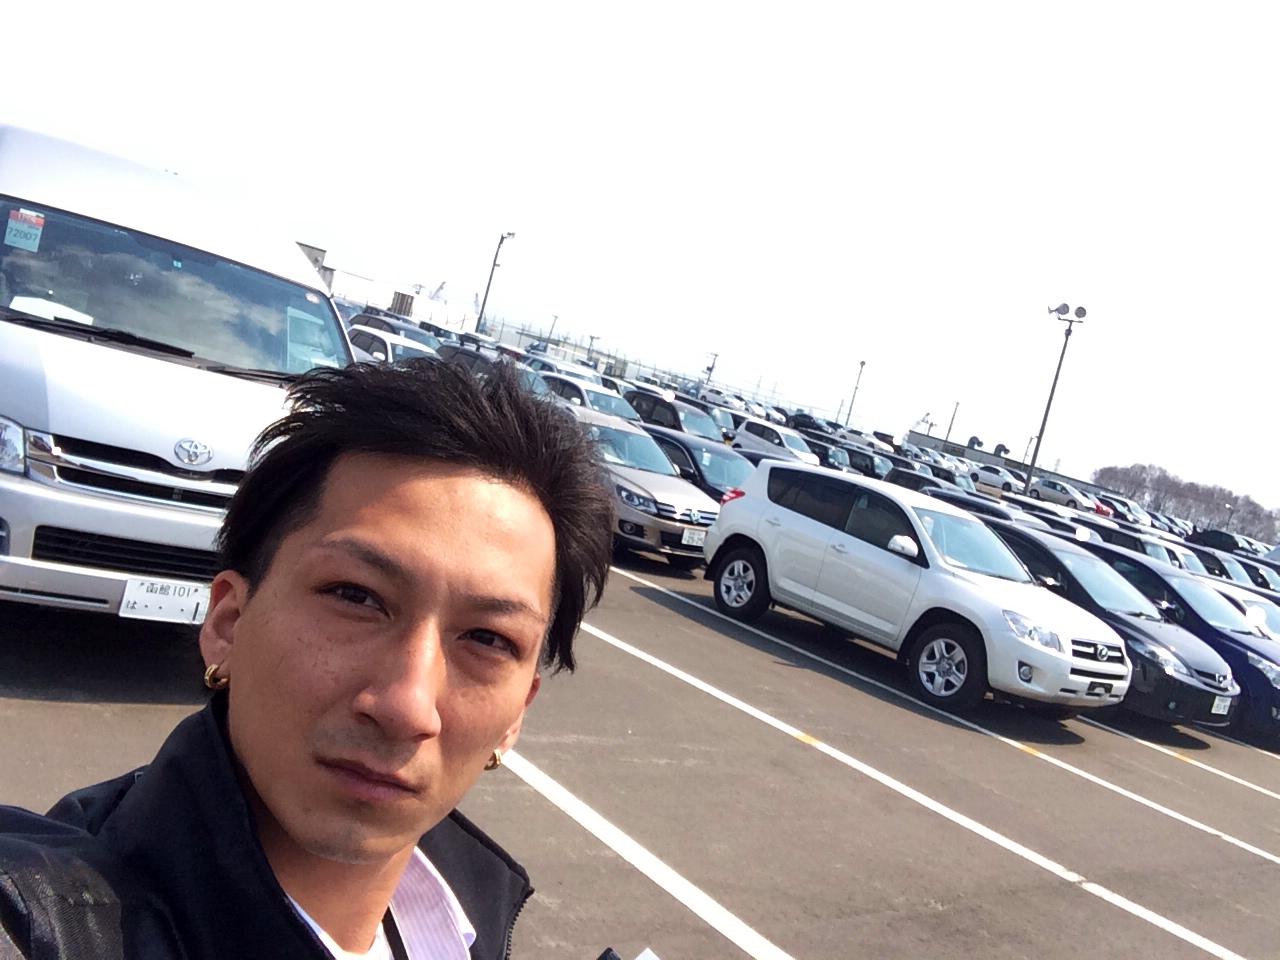 山本が送ります(●ゝω・)ノ4月16日本店 TOMMMYの1日~ランクル ハマーアルファード_b0127002_19475235.jpg